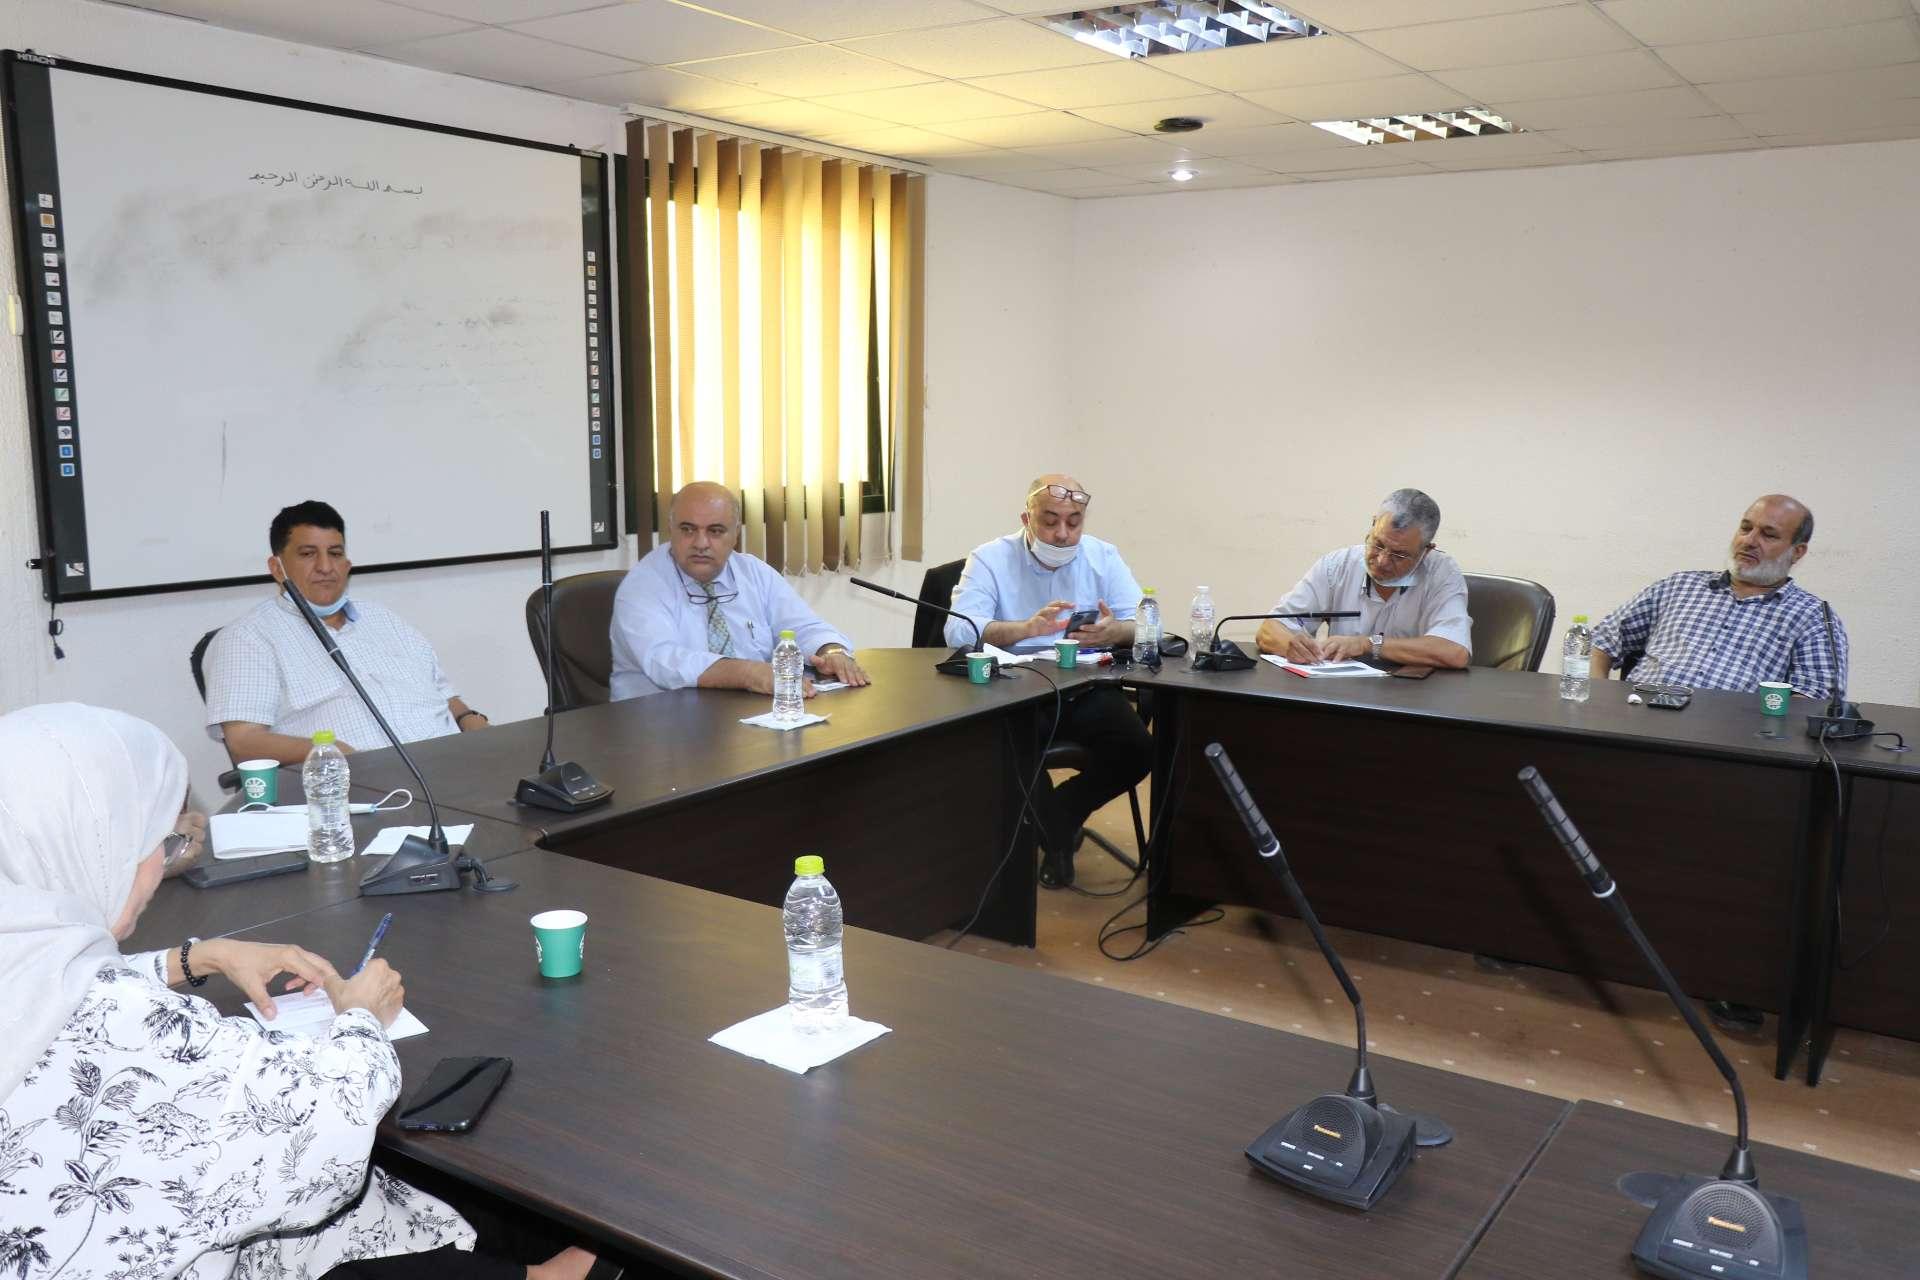 الأكاديمية الليبية تستضيف اجتماع اللجنة المكلفة بدراسة وضع الإعلام في ليبيا.